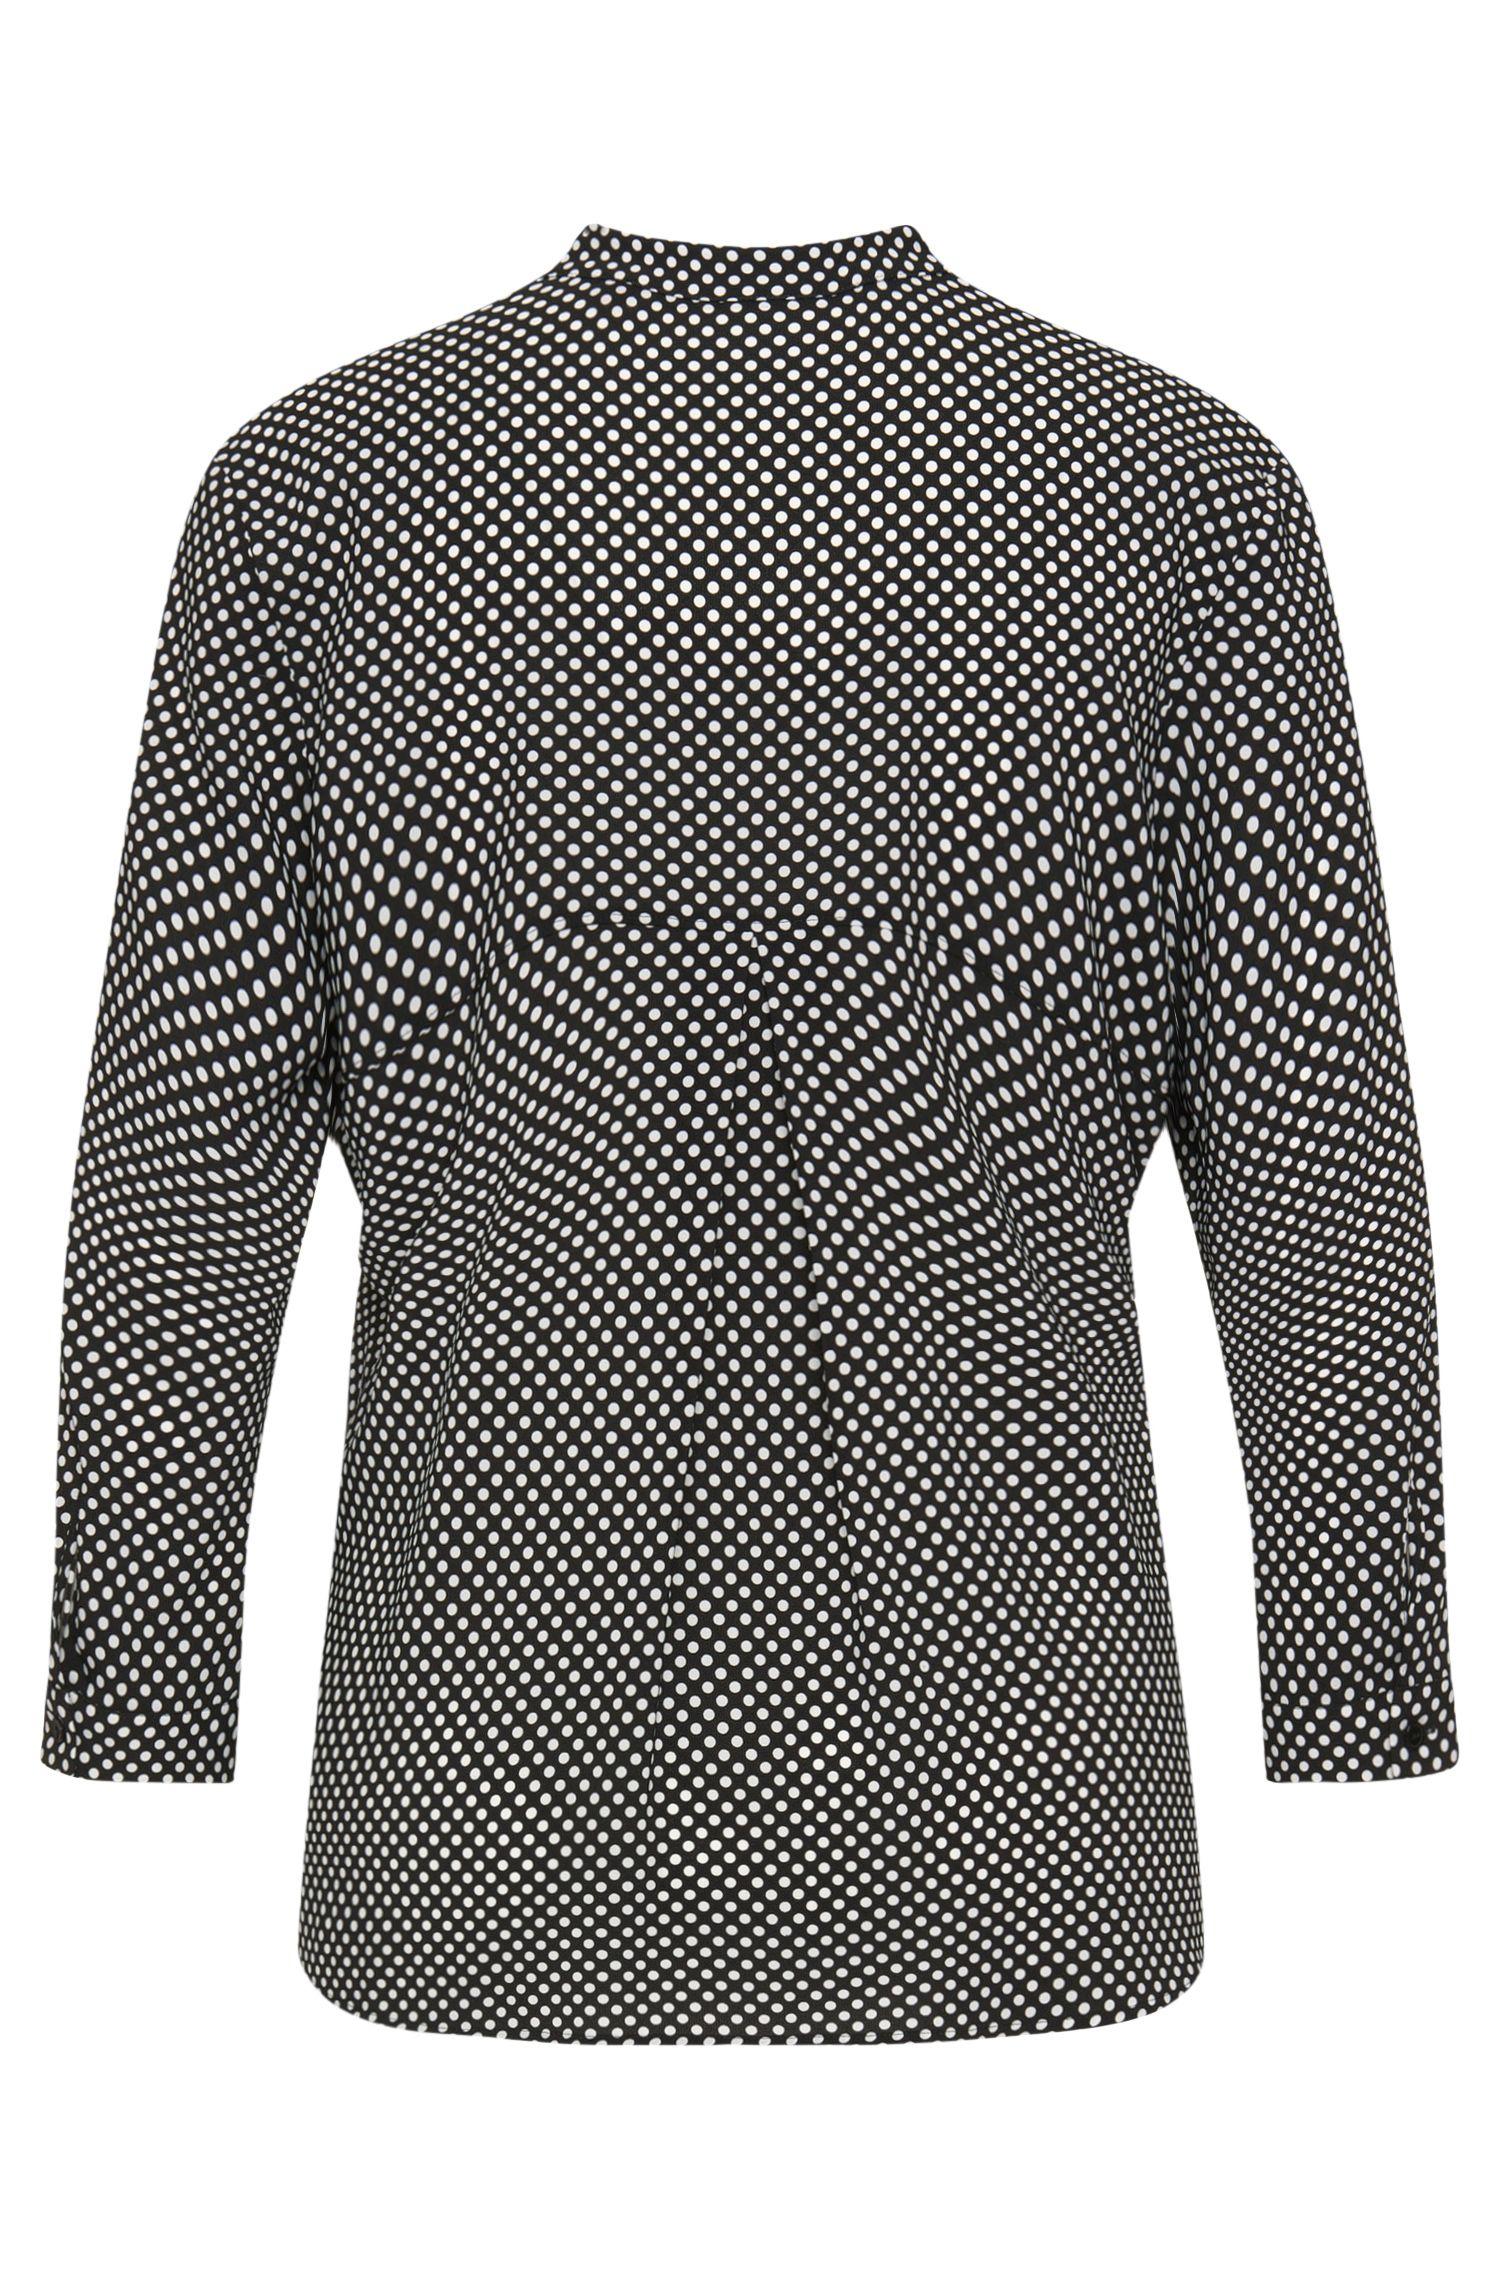 Bluse aus Stretch-Viskose mit Polka-Dots-Design: 'Esille'